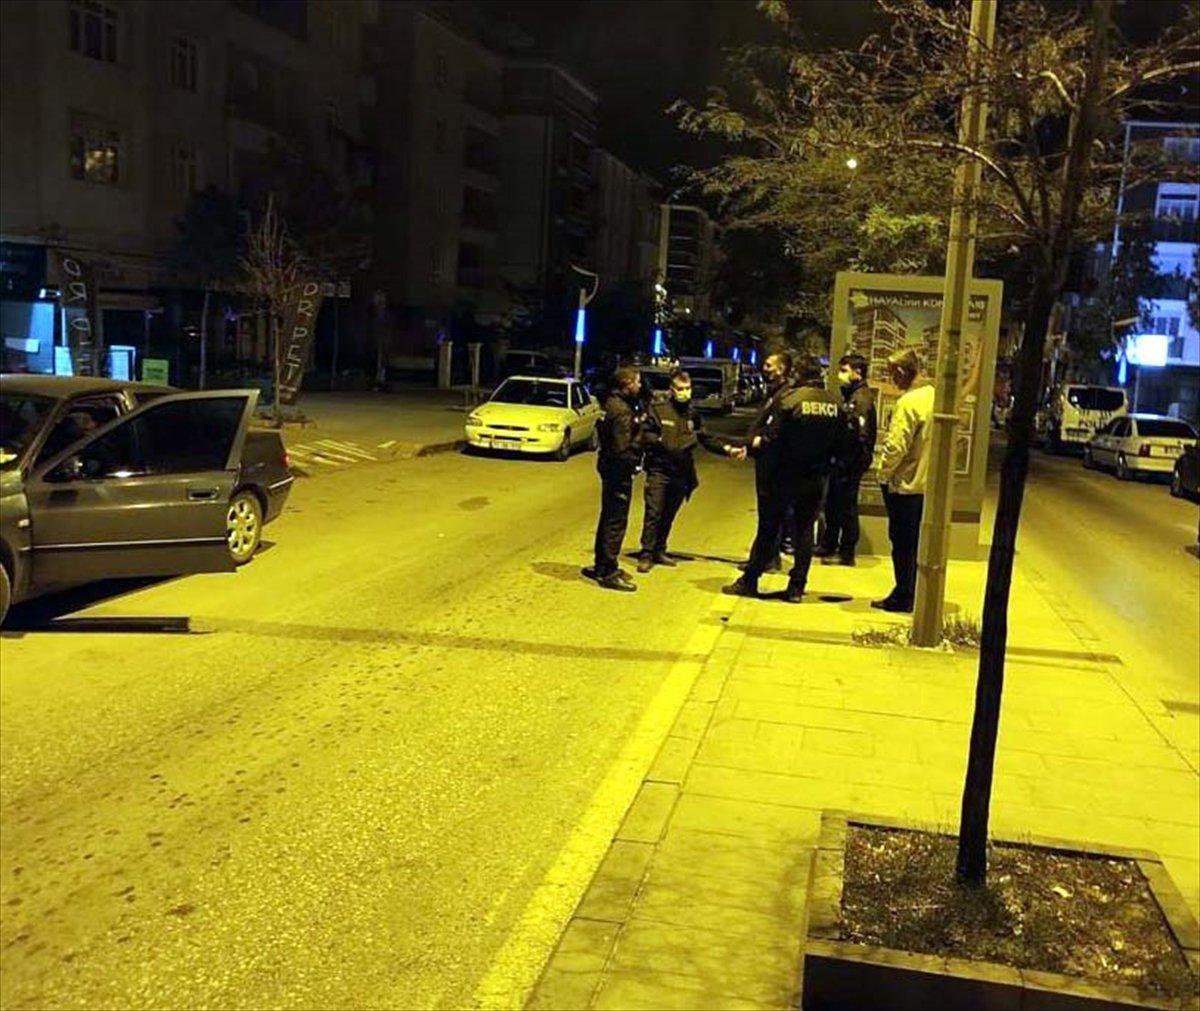 Kırıkkale de karantinayı ihlal ederek bekçiden kaçan kişi, polise yakalandı #3